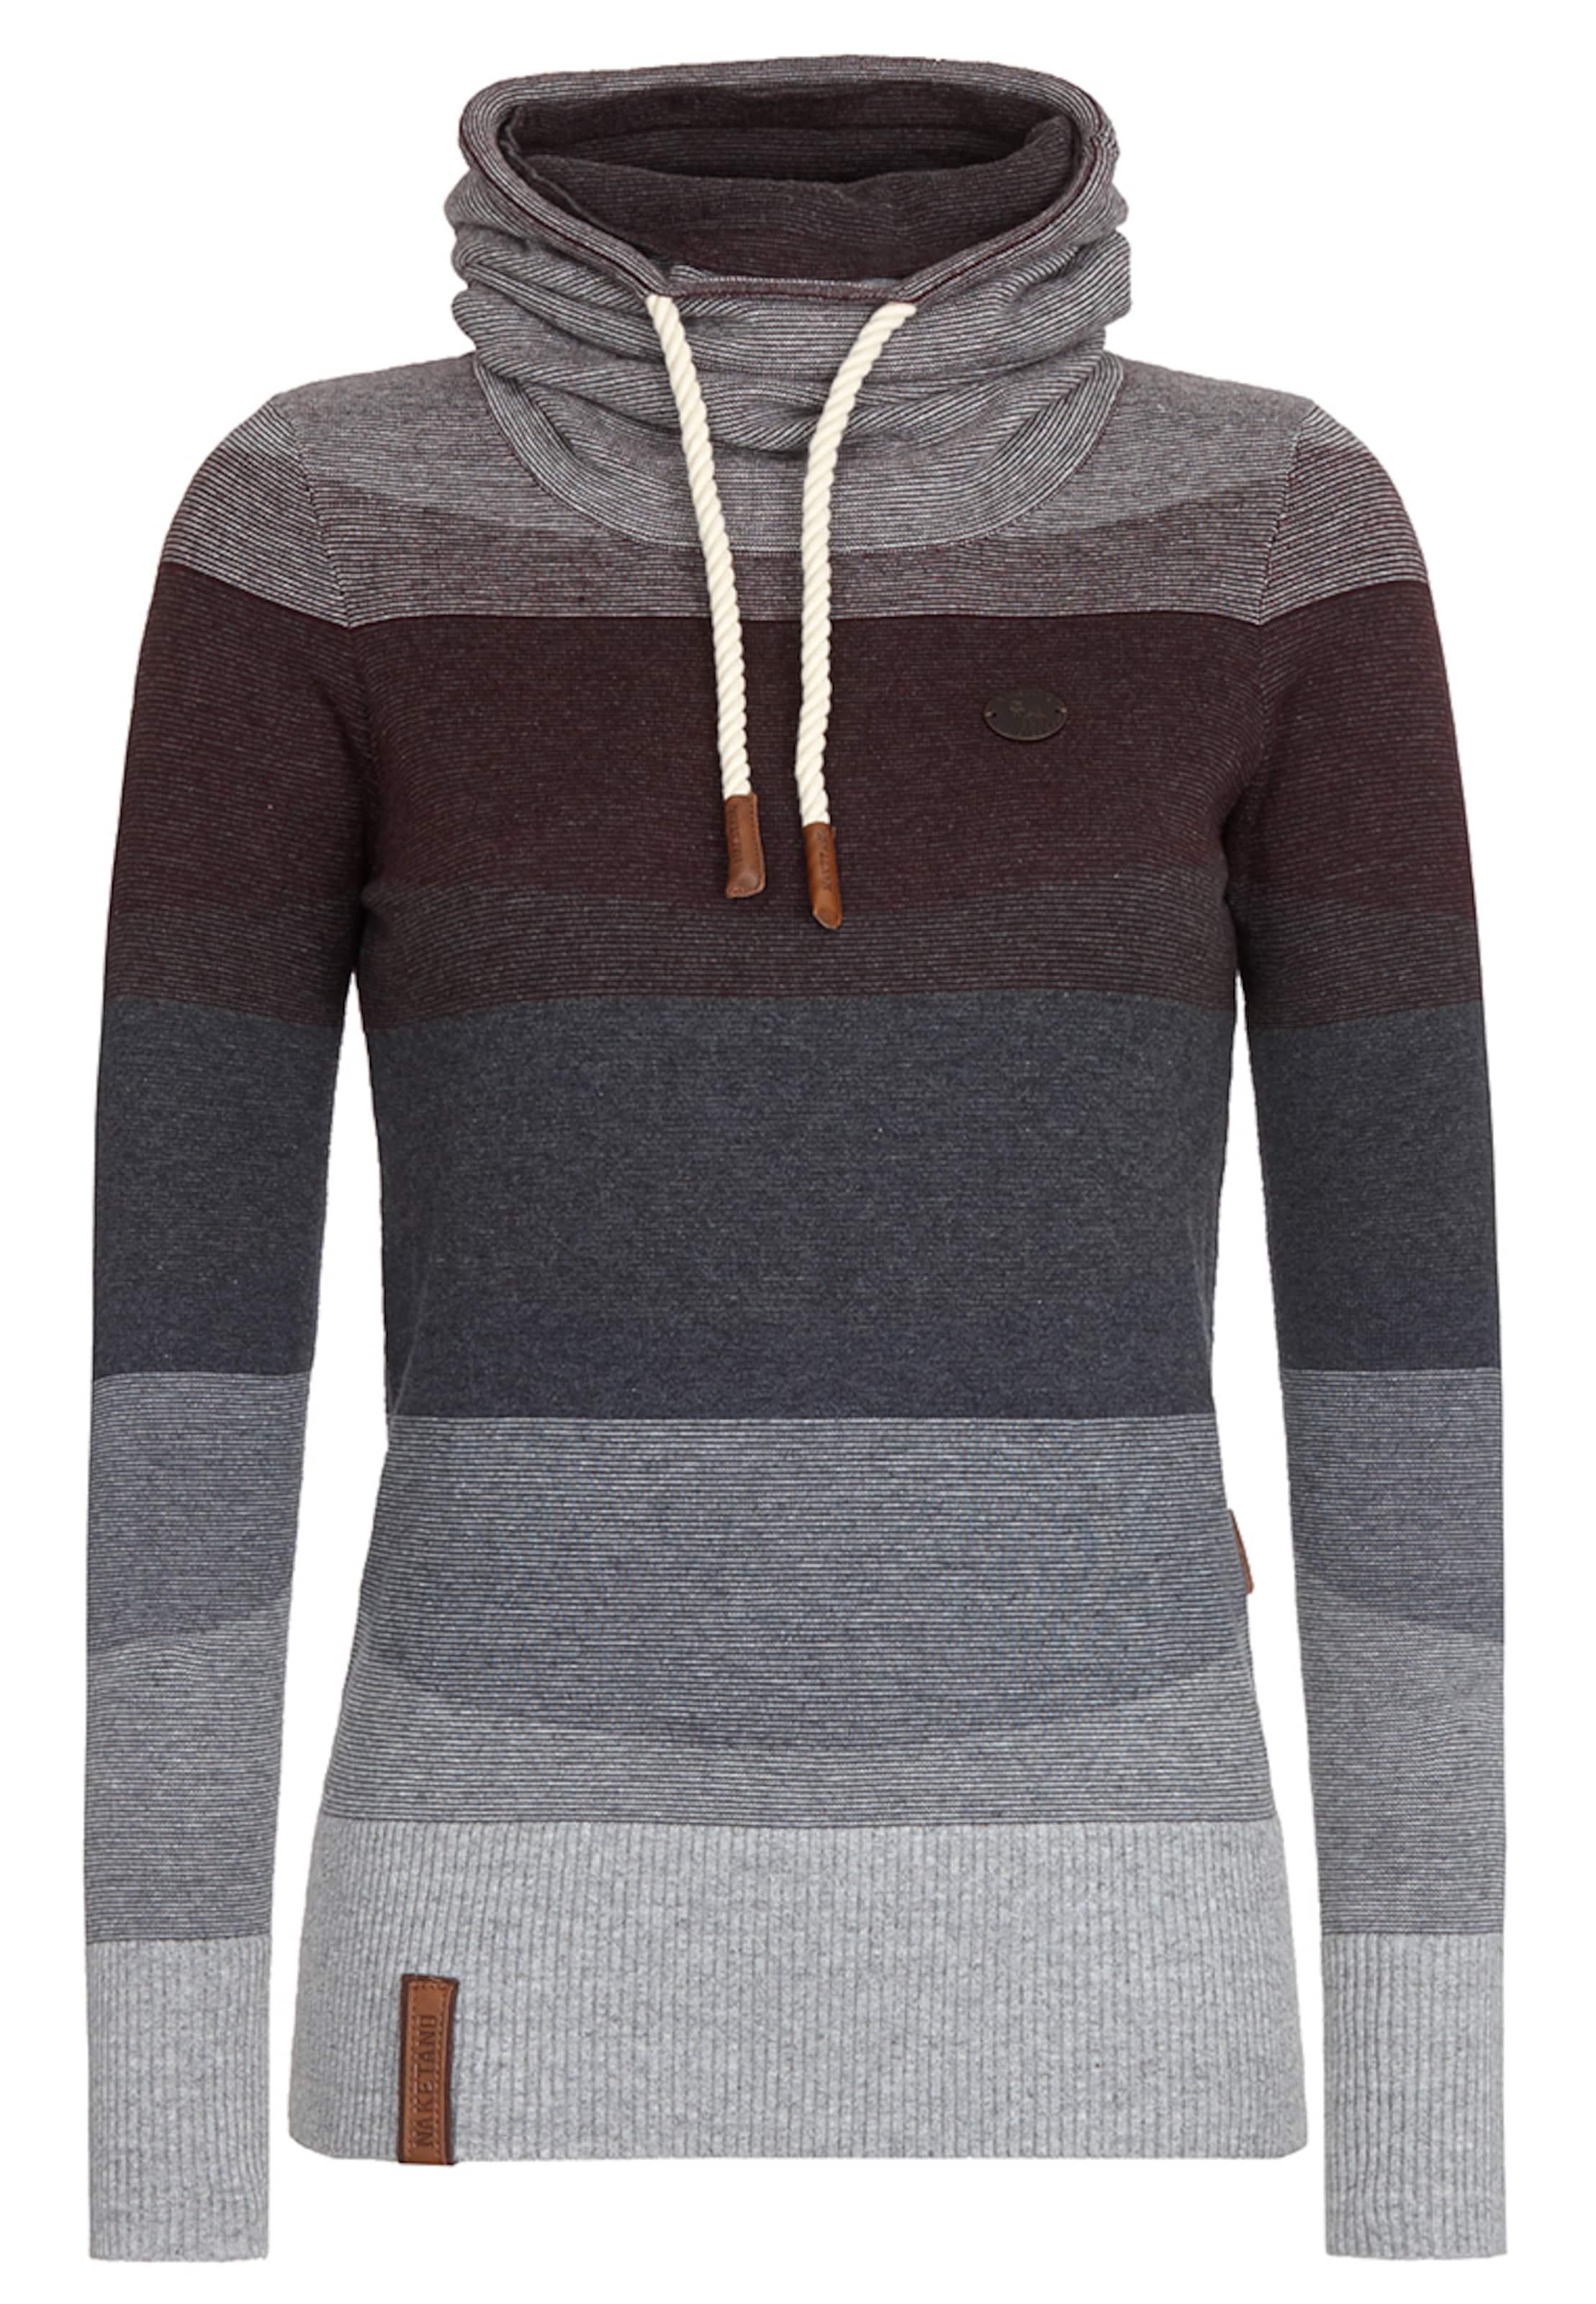 naketano Female Knit Sneakernews Verkauf Online Kostenloser Versand Zu Kaufen Auslass Heißen Verkauf C9moOPK